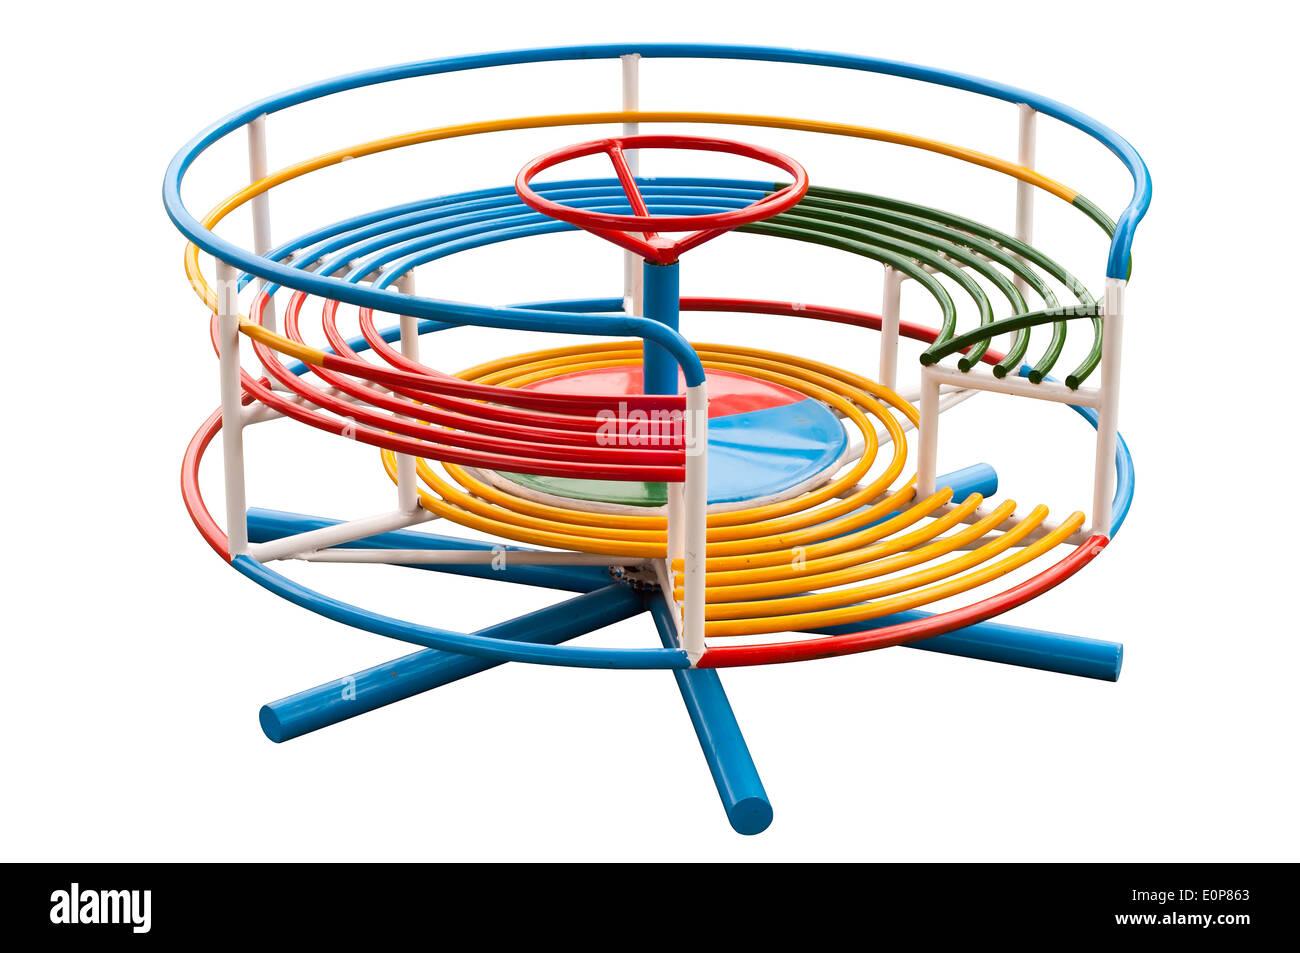 Merry-go-round isolated. - Stock Image